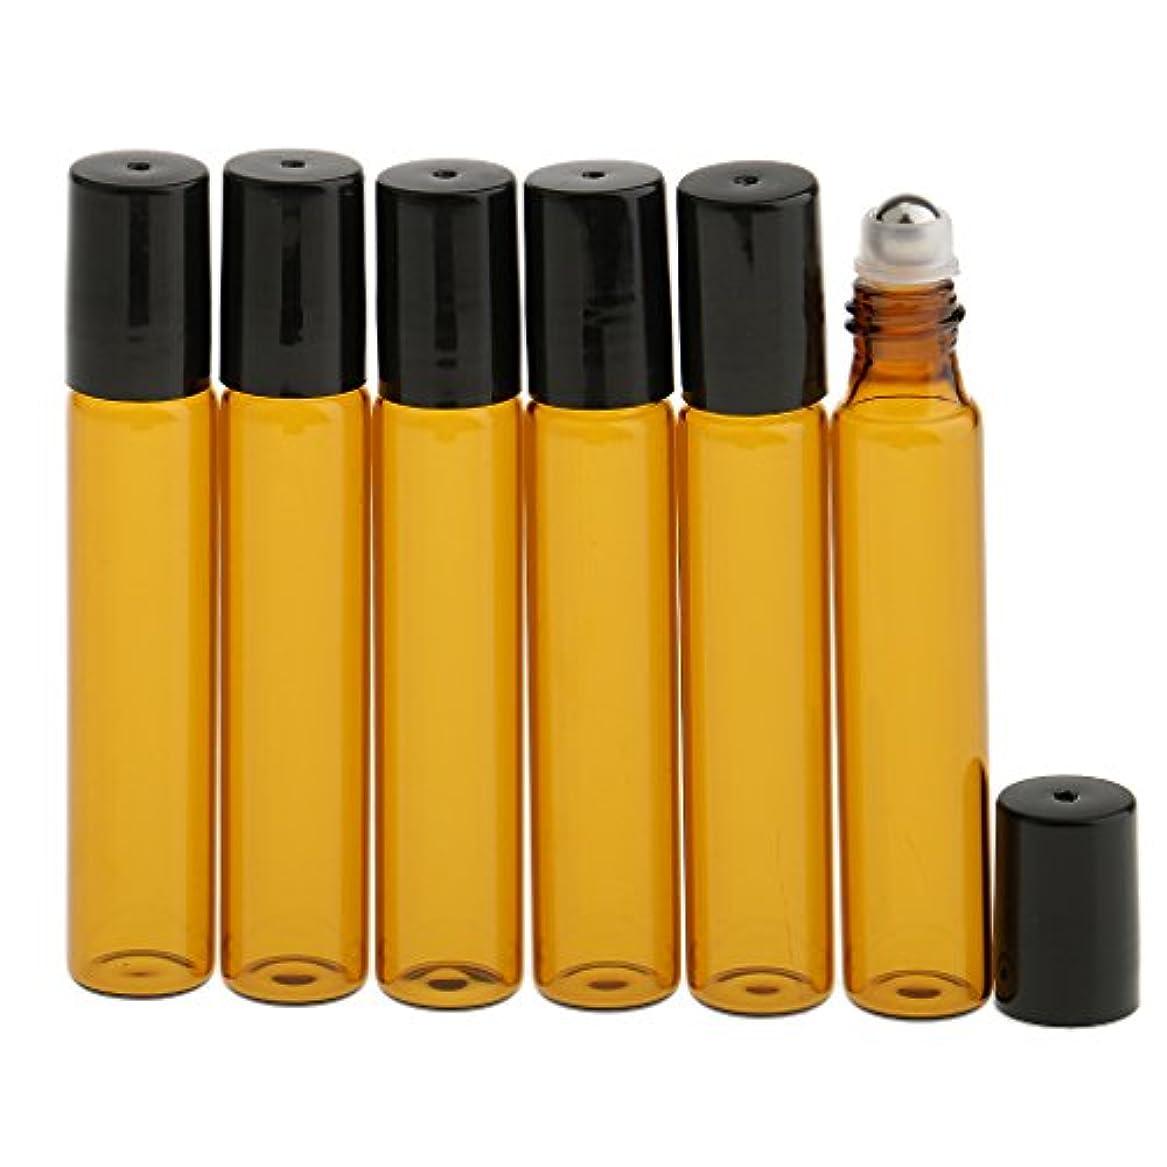 静脈委任する負6本入り シャルオイル 香水分装 光を避けデザイン 10ミリリットル 詰め替え可能 ガラスロール 便利グッズ 便利小物